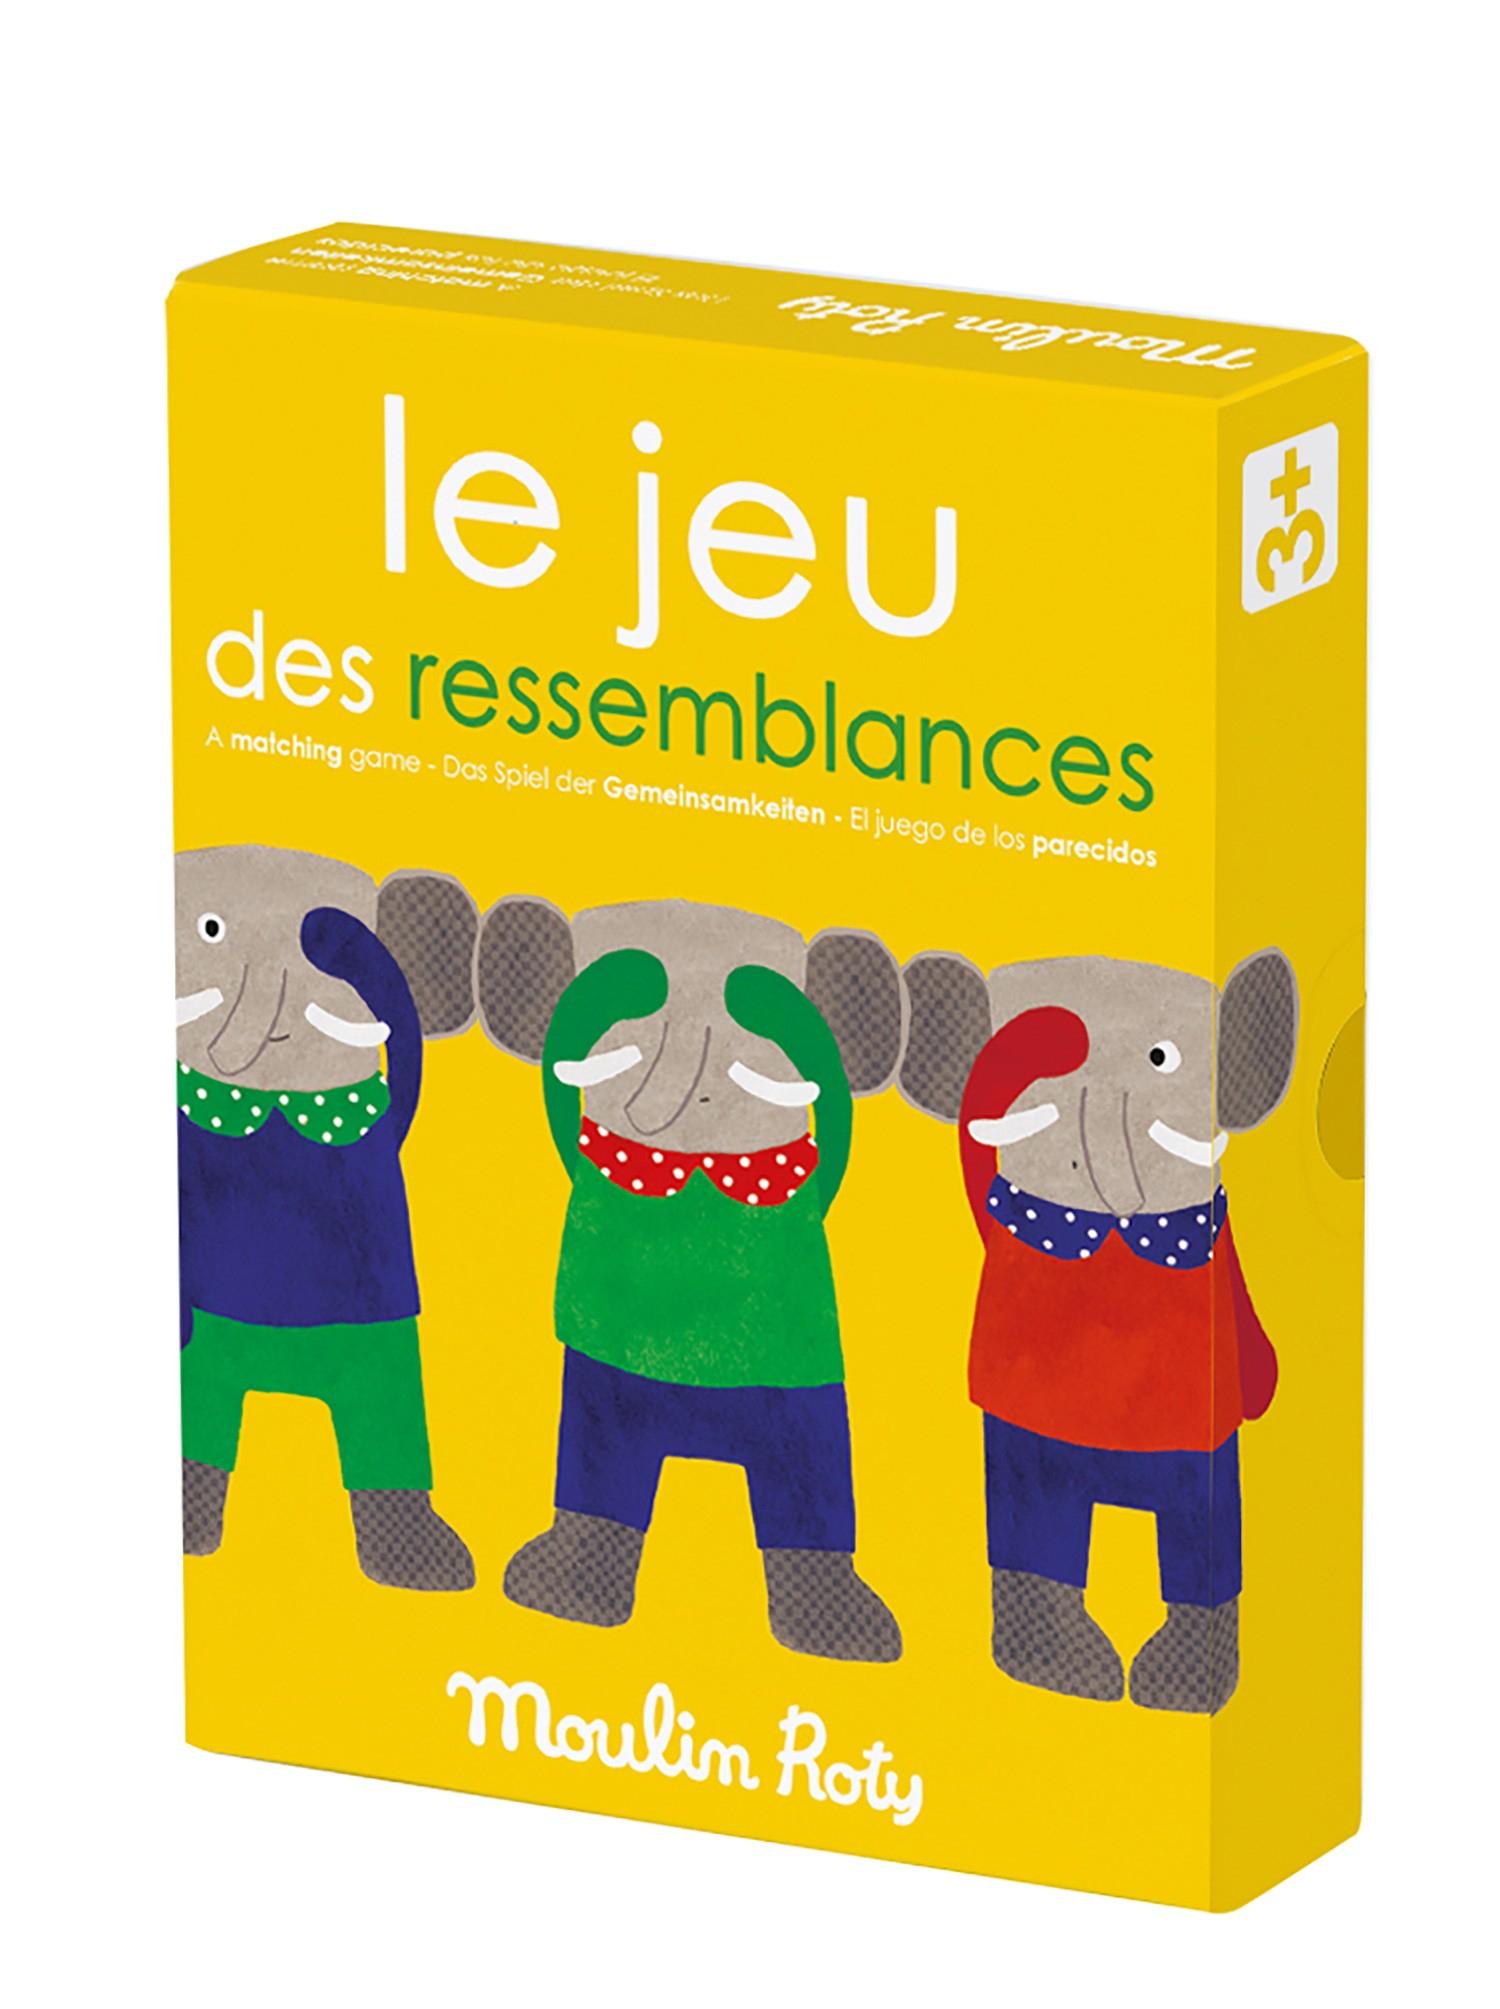 Achat Jeu Des Ressemblances Les Popipop Moulin Roty Sur avec Jeux Educatif Pour Tout Petit Gratuit